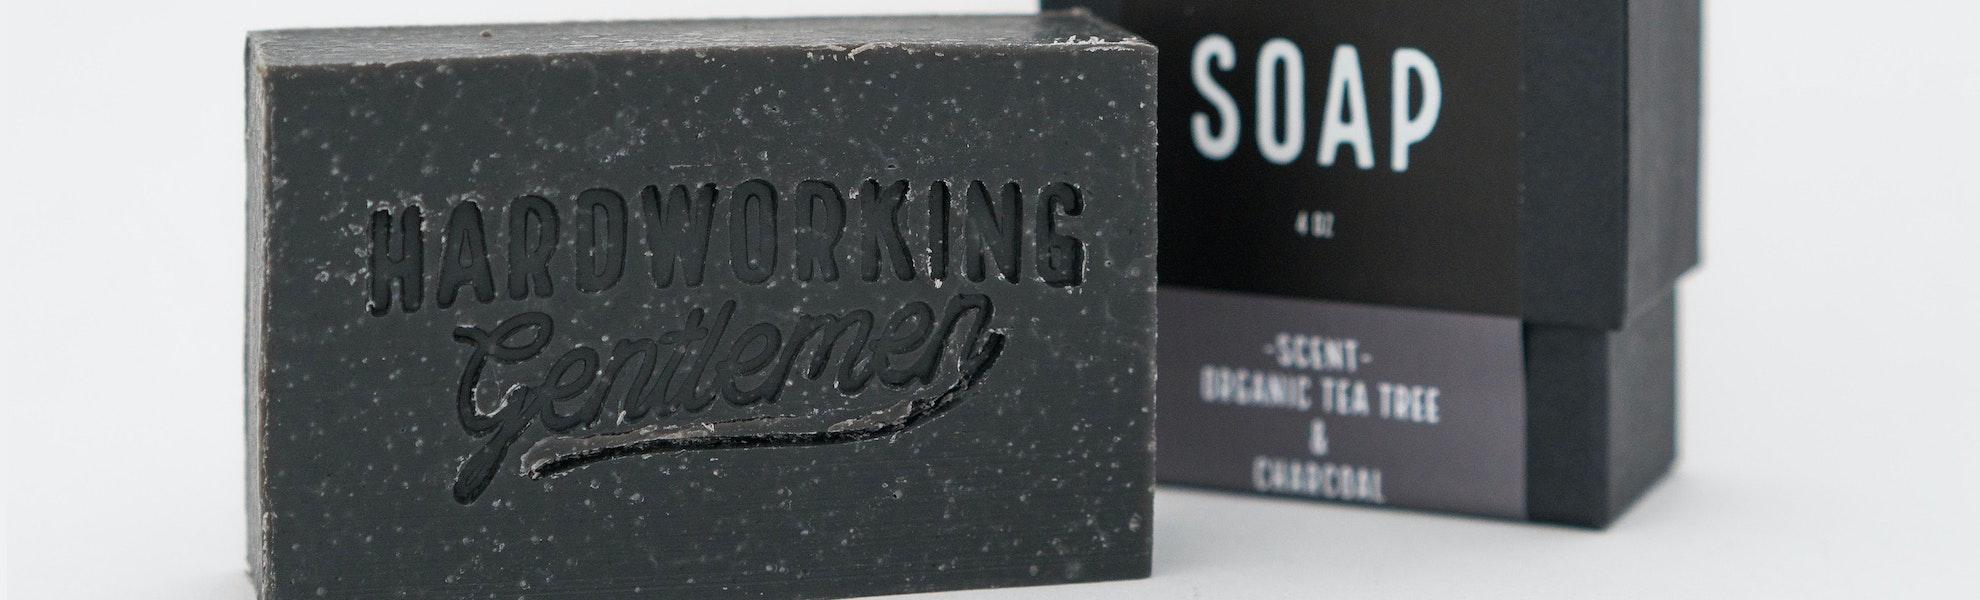 Hardworking Gentlemen Soap Bars (2-Pack)